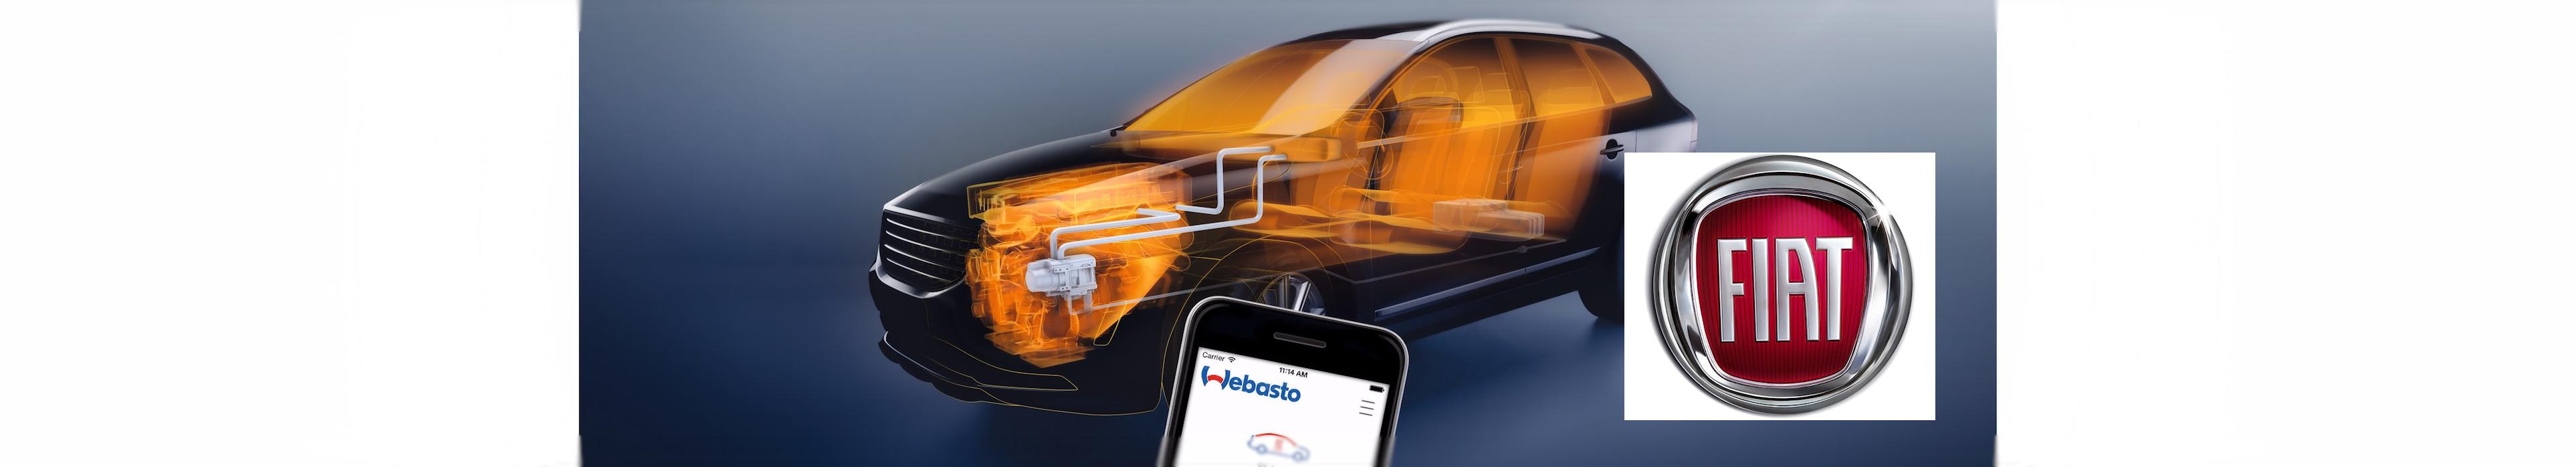 Wat kost een parkeerverwarming inbouwen bij Fiat